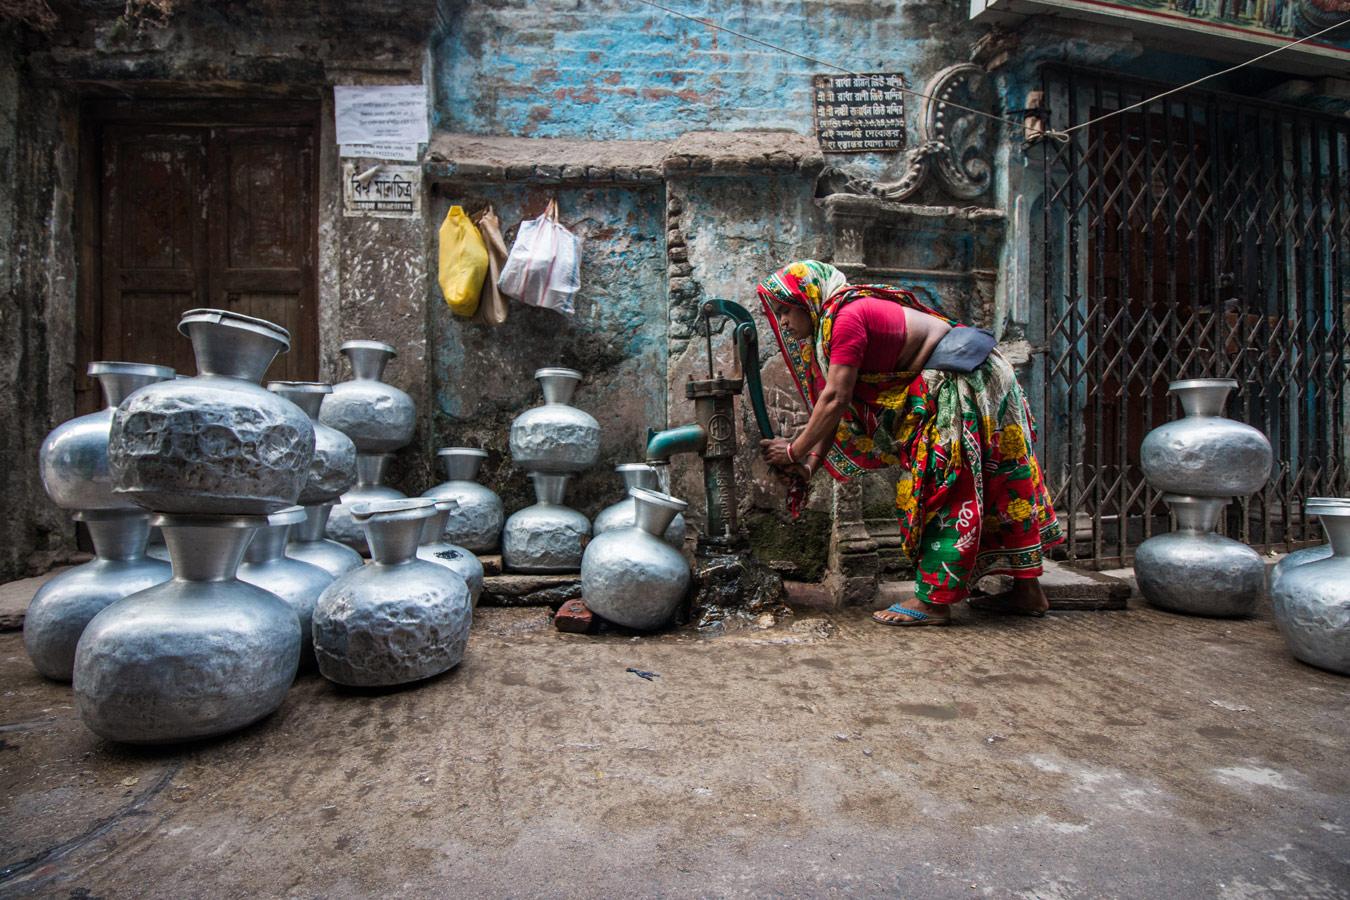 © Закир Хоссейн, Фотоконкурс «Гендерная и водная целостность»